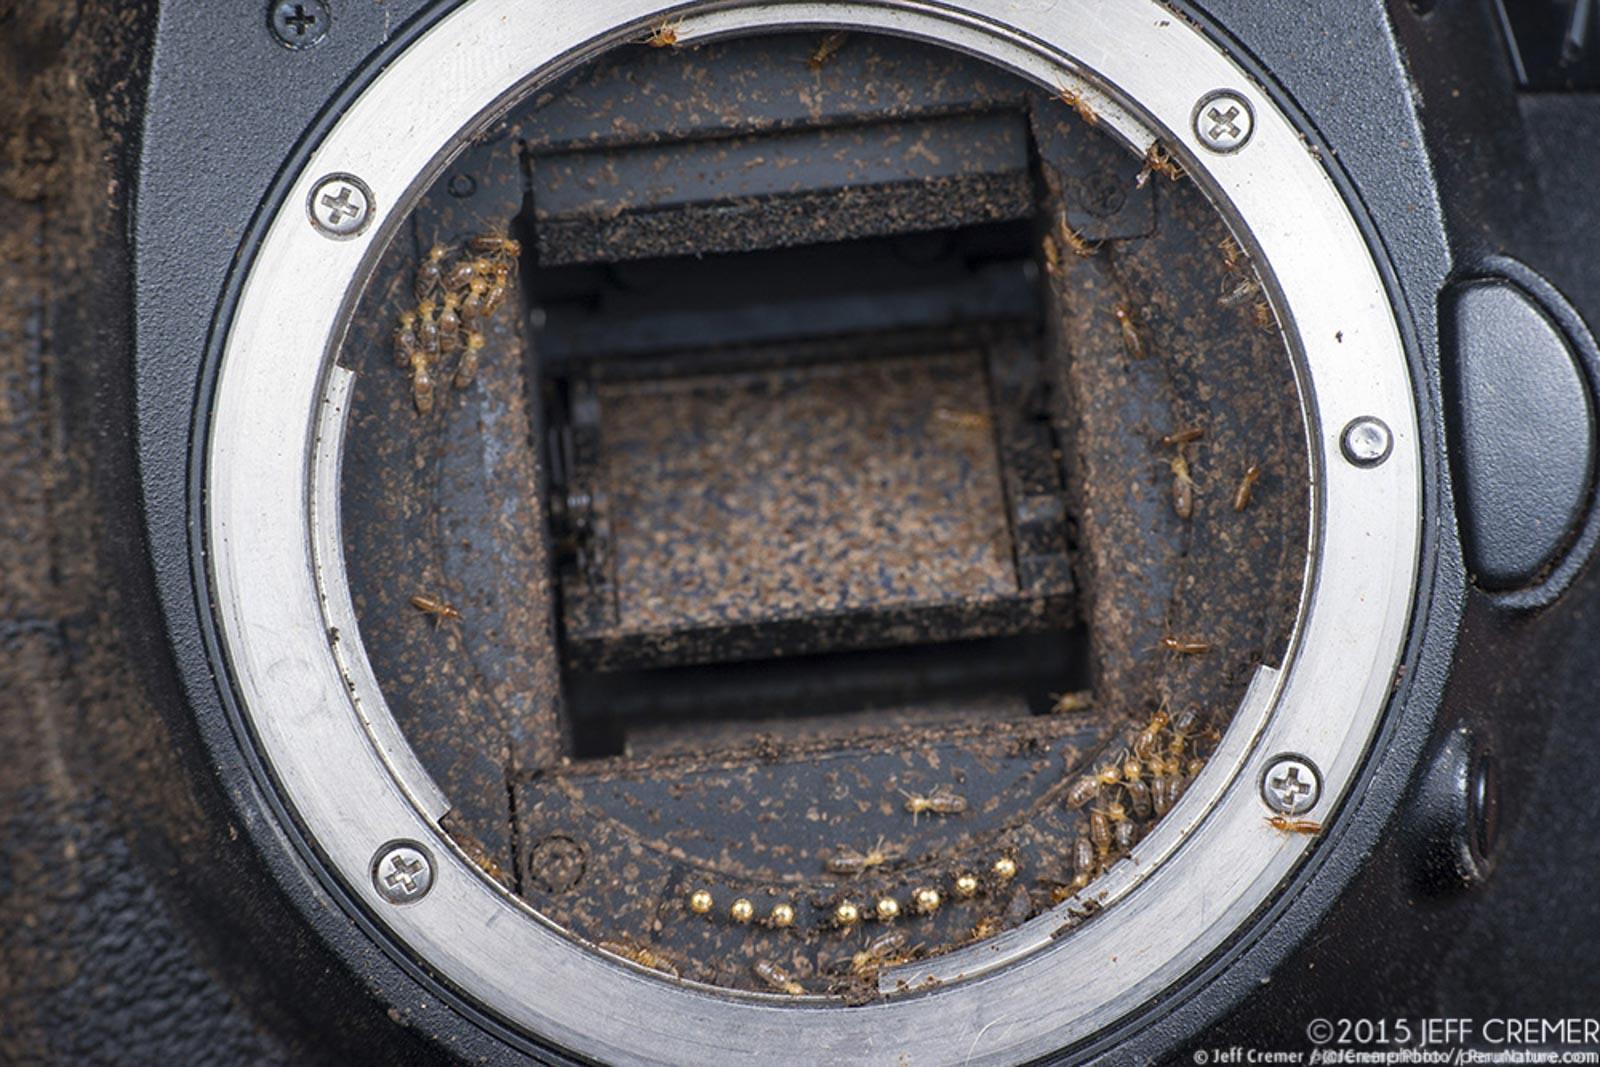 jeff cremer camera destroyed